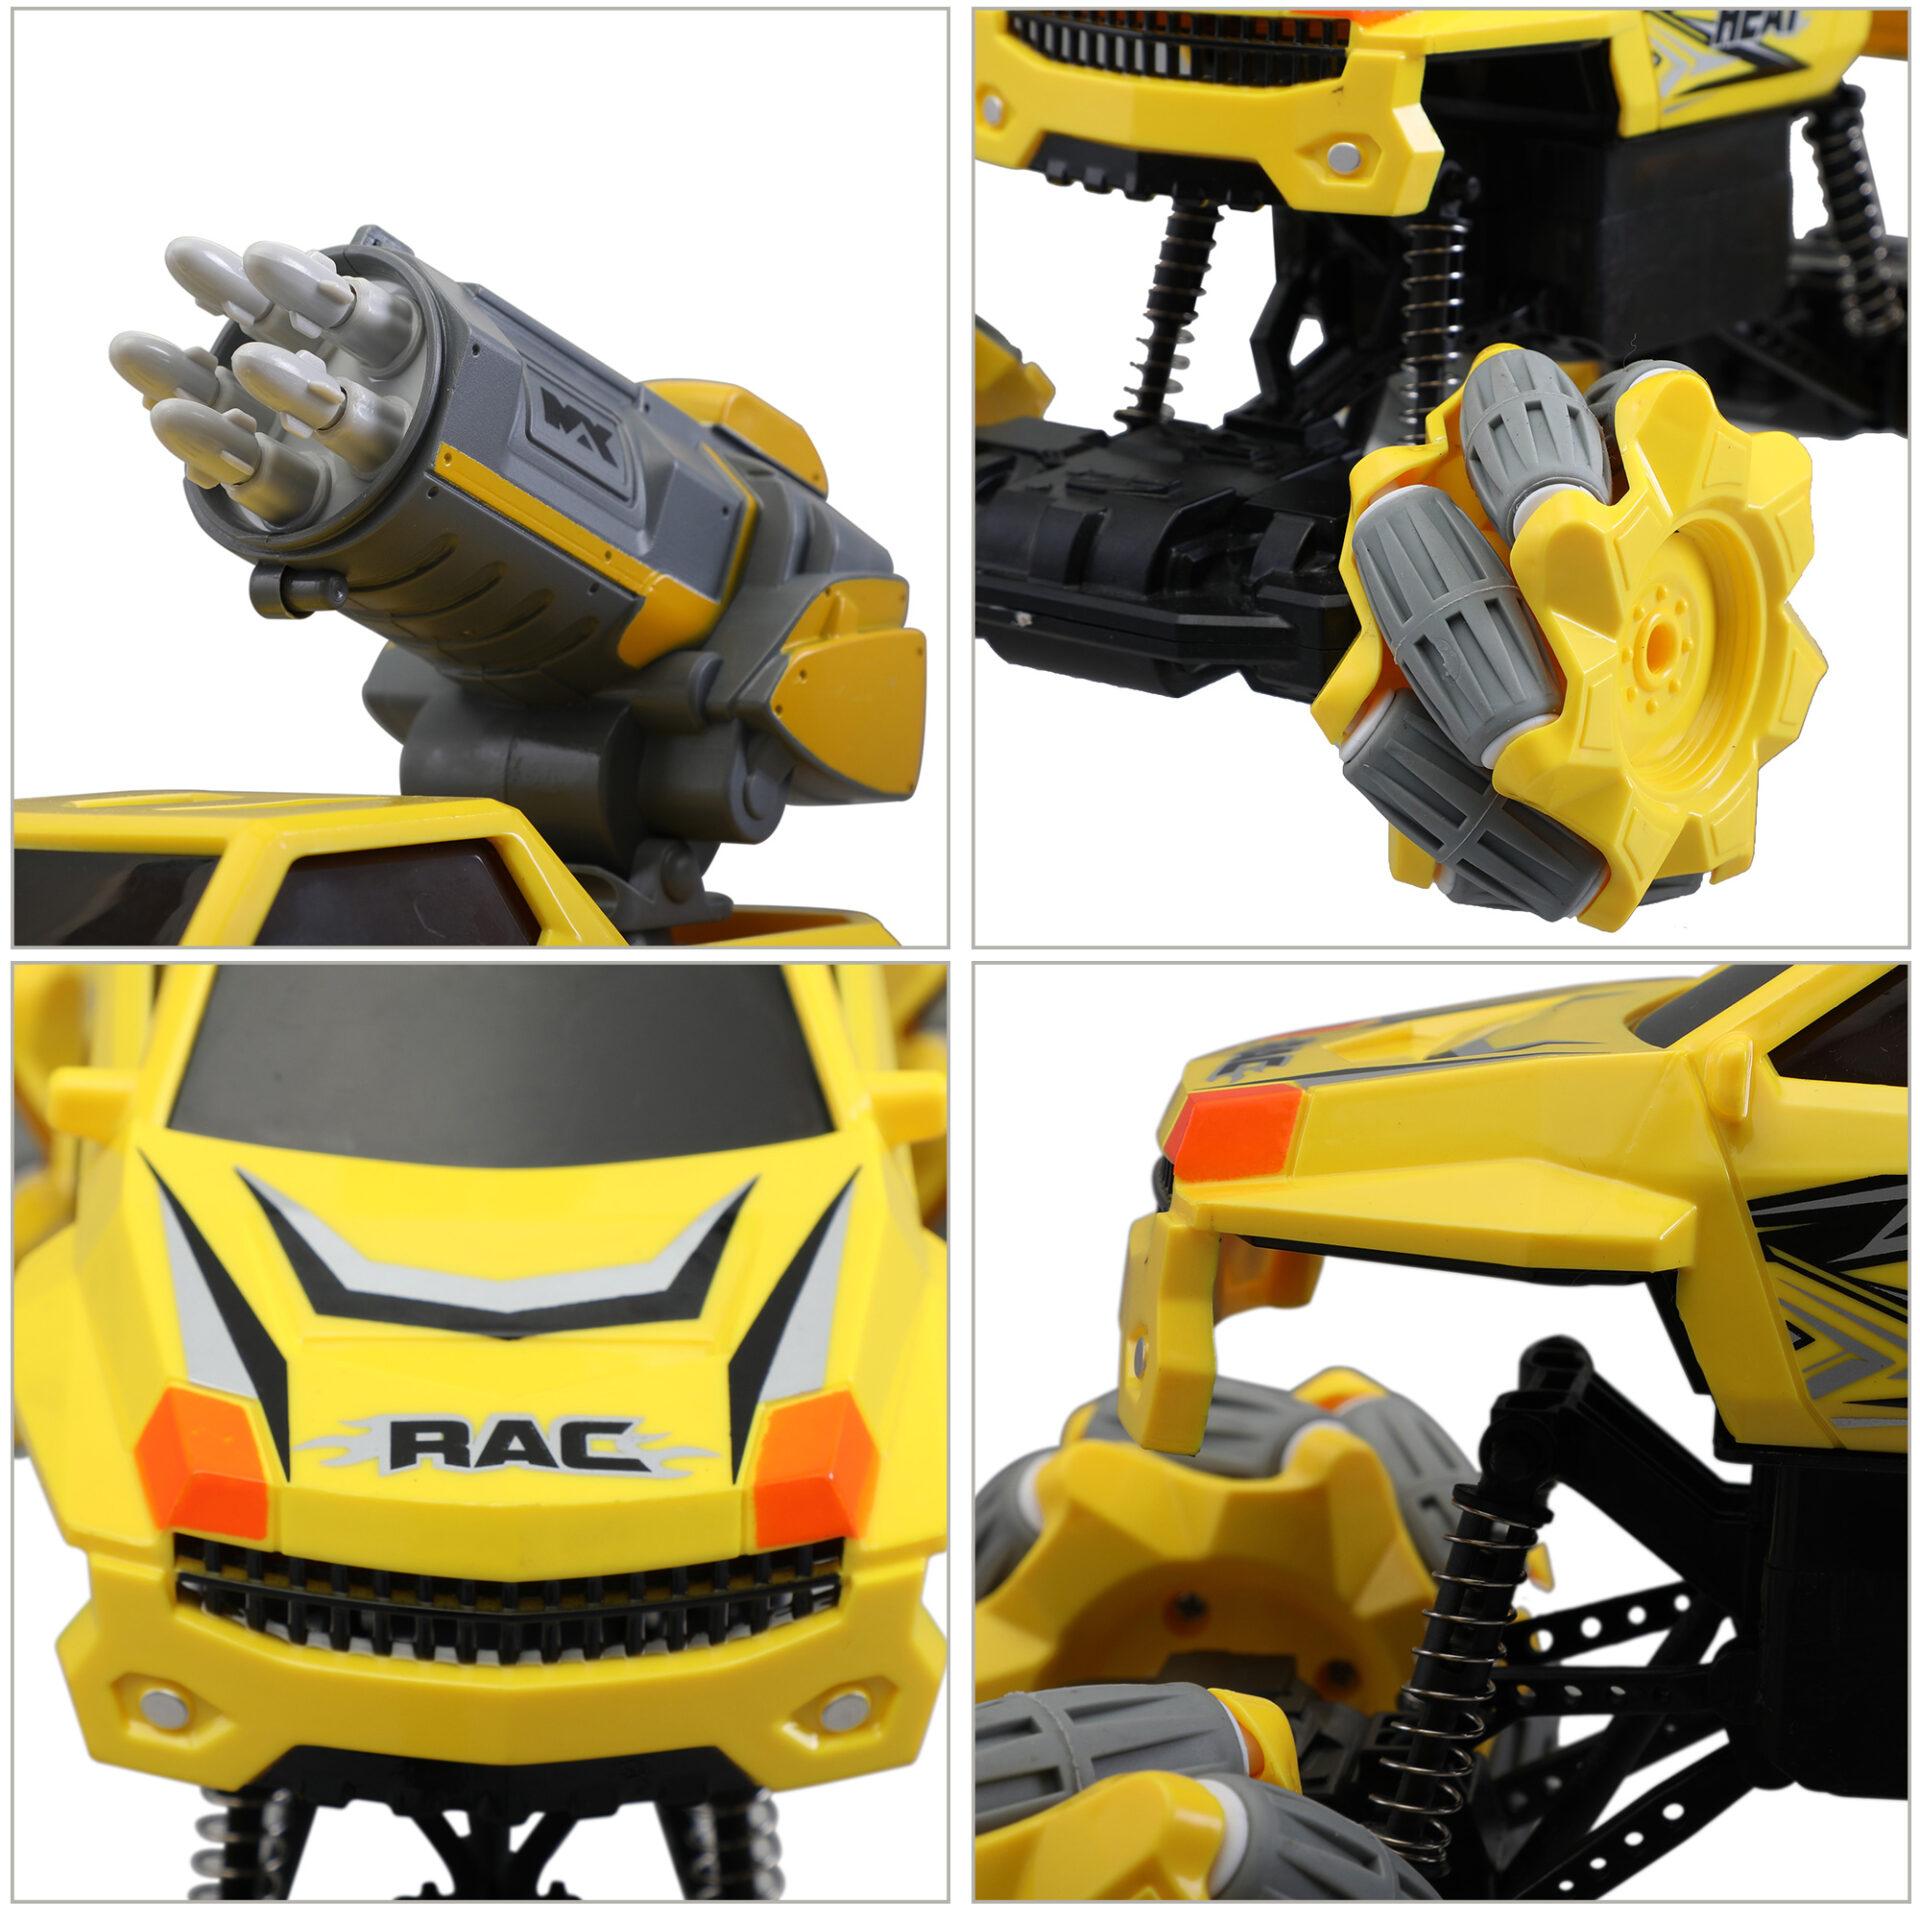 Gesture Sensing RC Stunt Car for Kids, Yellow 3 5